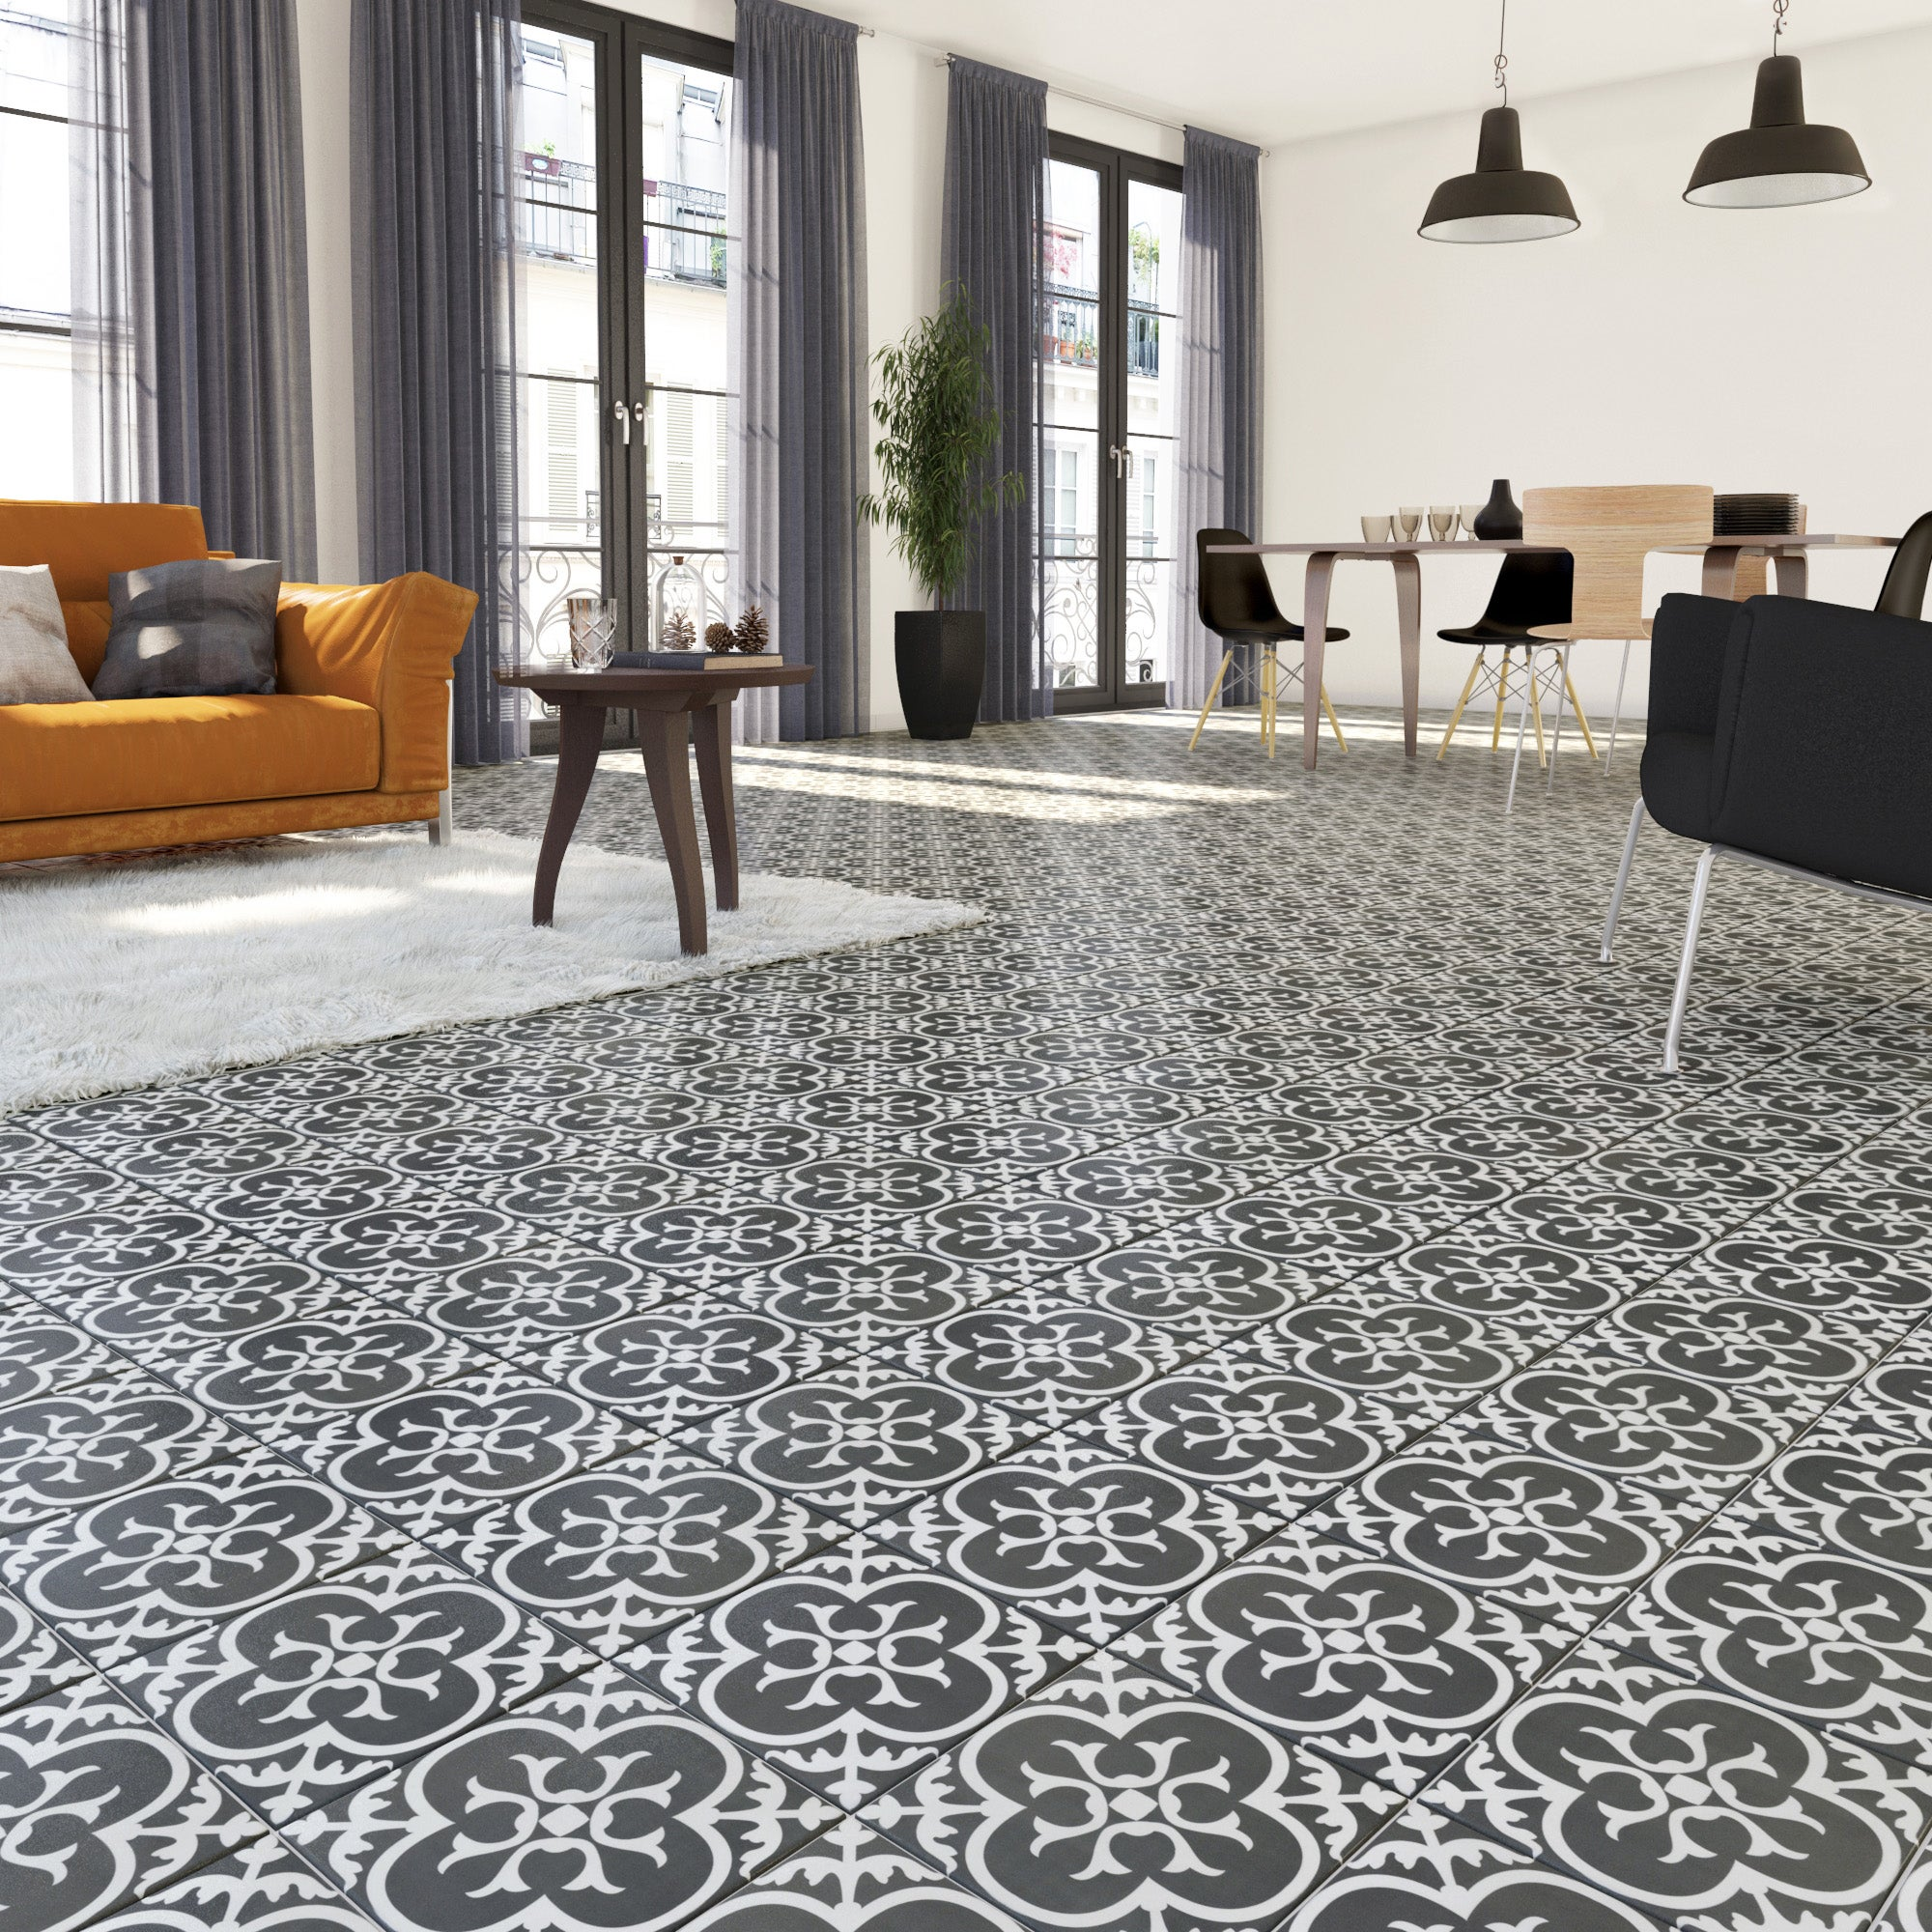 carrelage sol mur forte carreau ciment noir et blanc gatsby floral l 20xl 20 cm